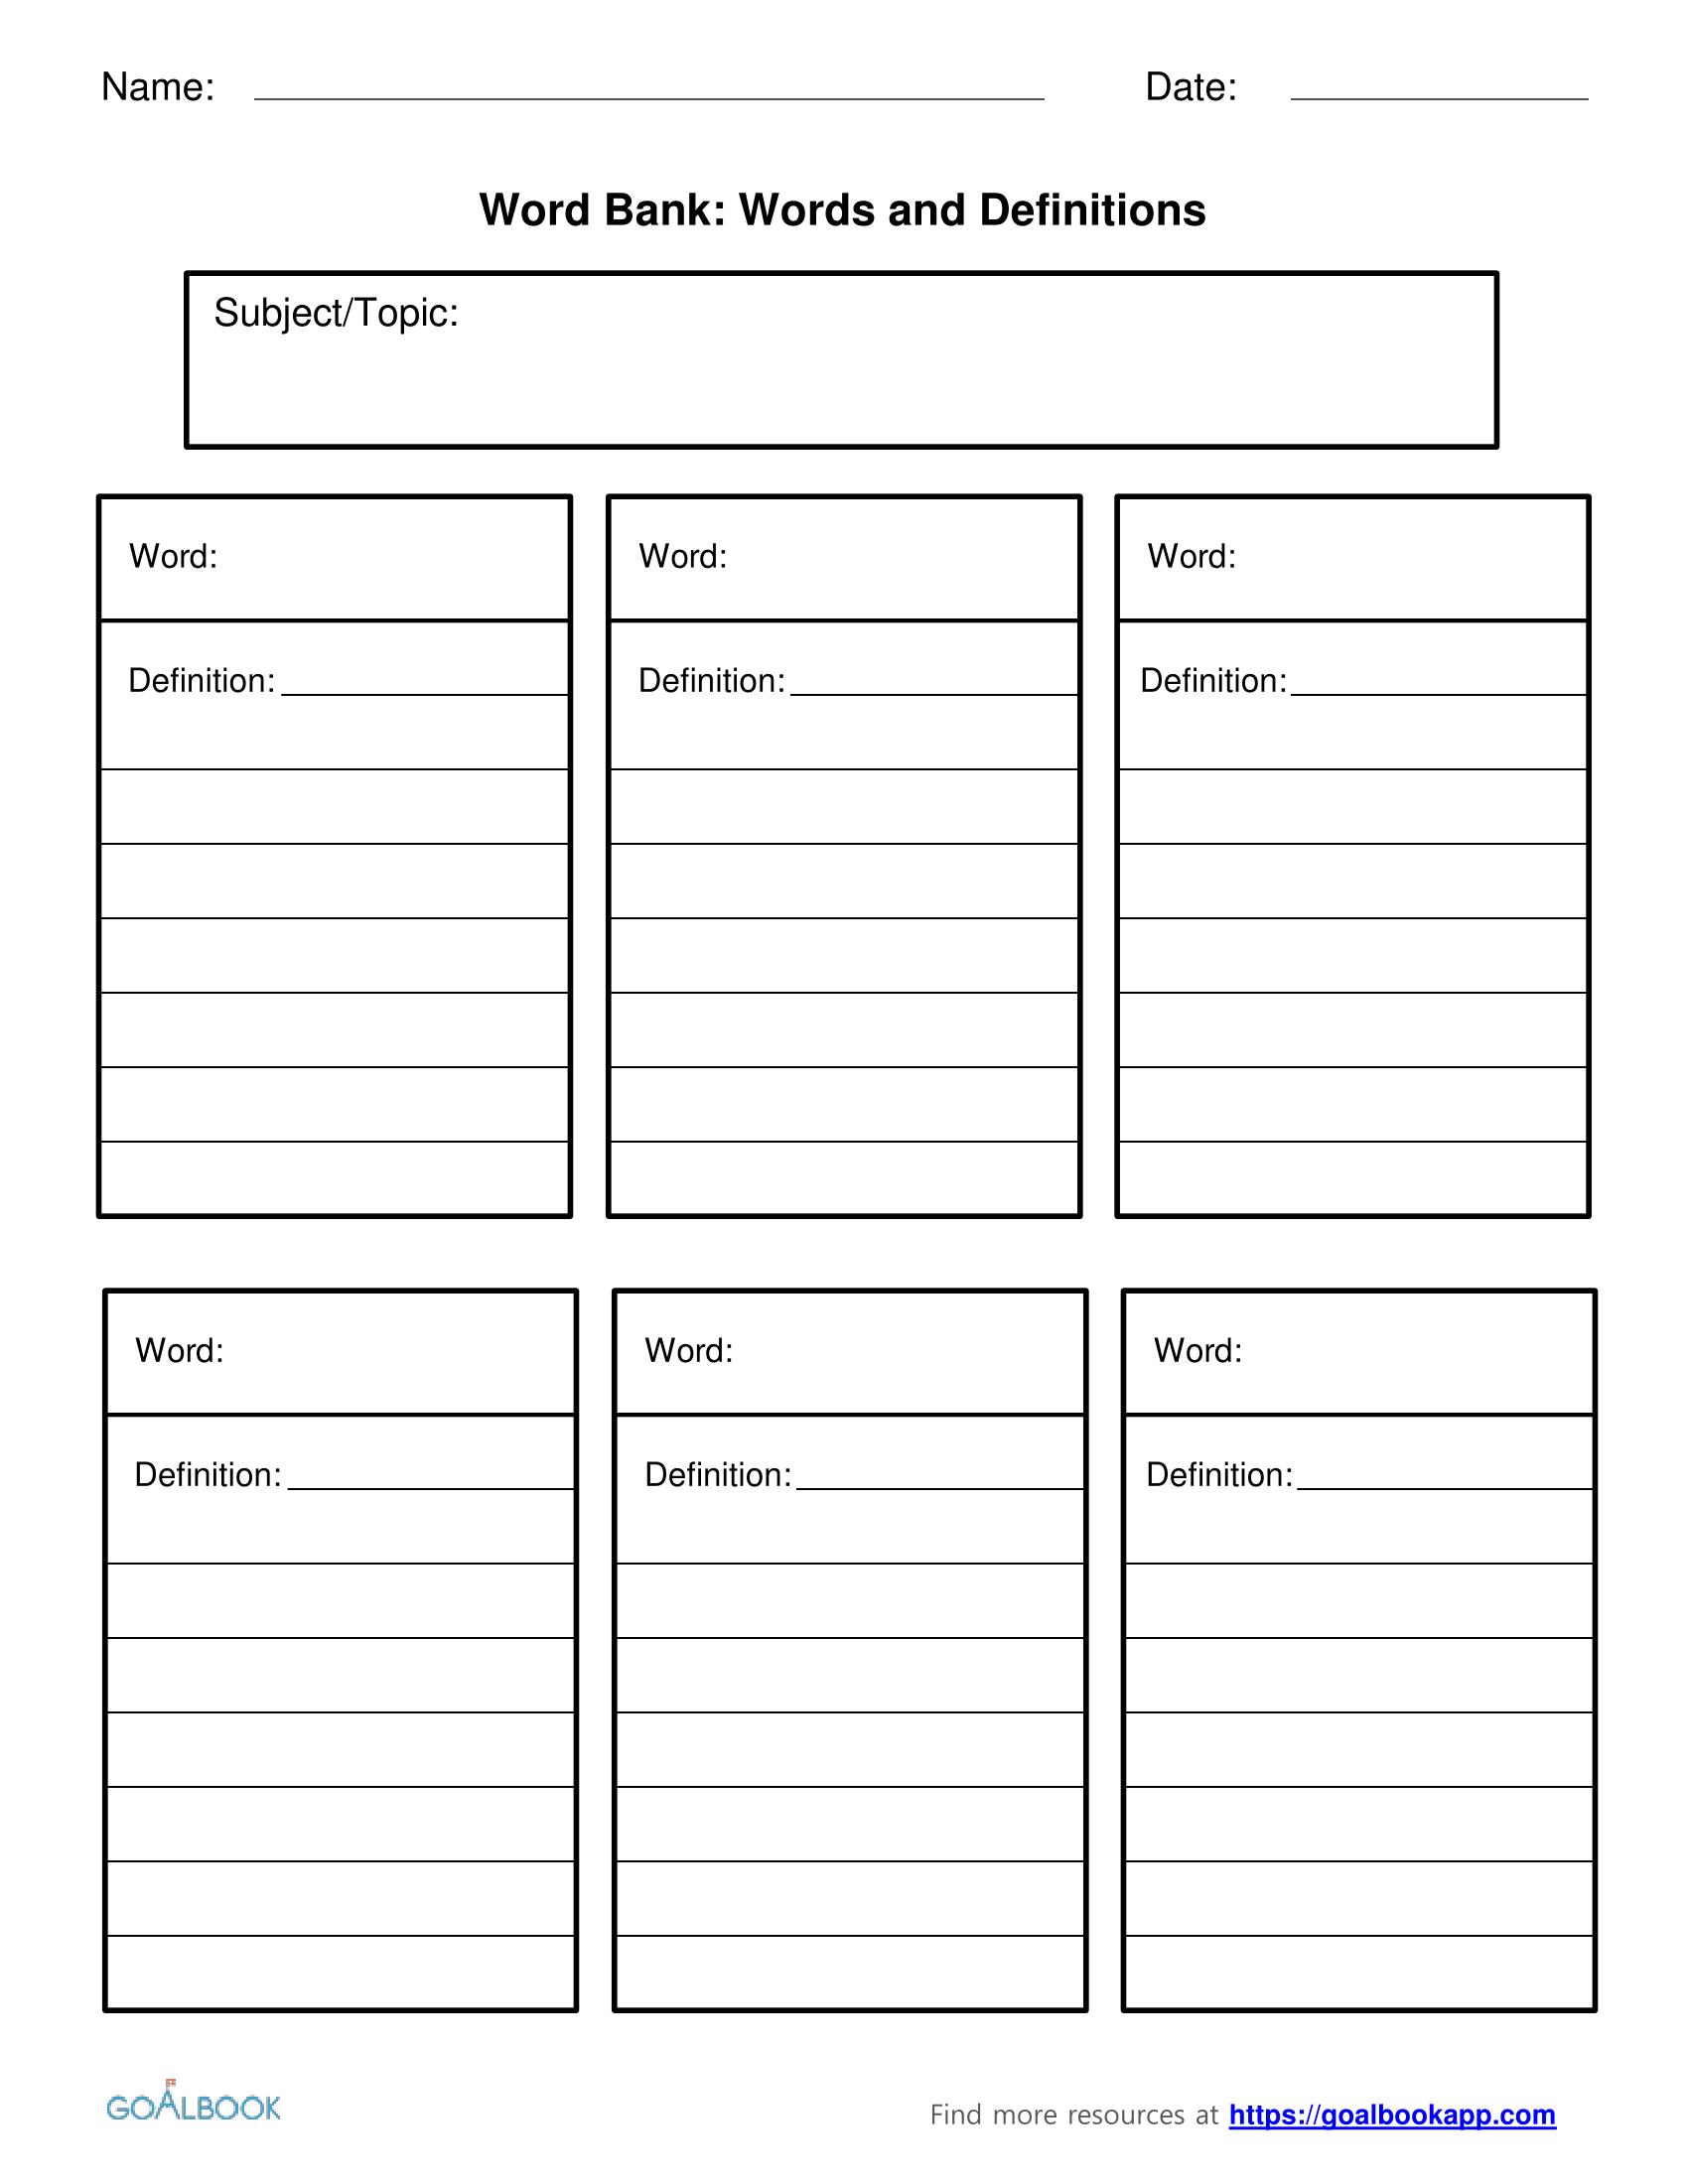 Word Bank Worksheet Template